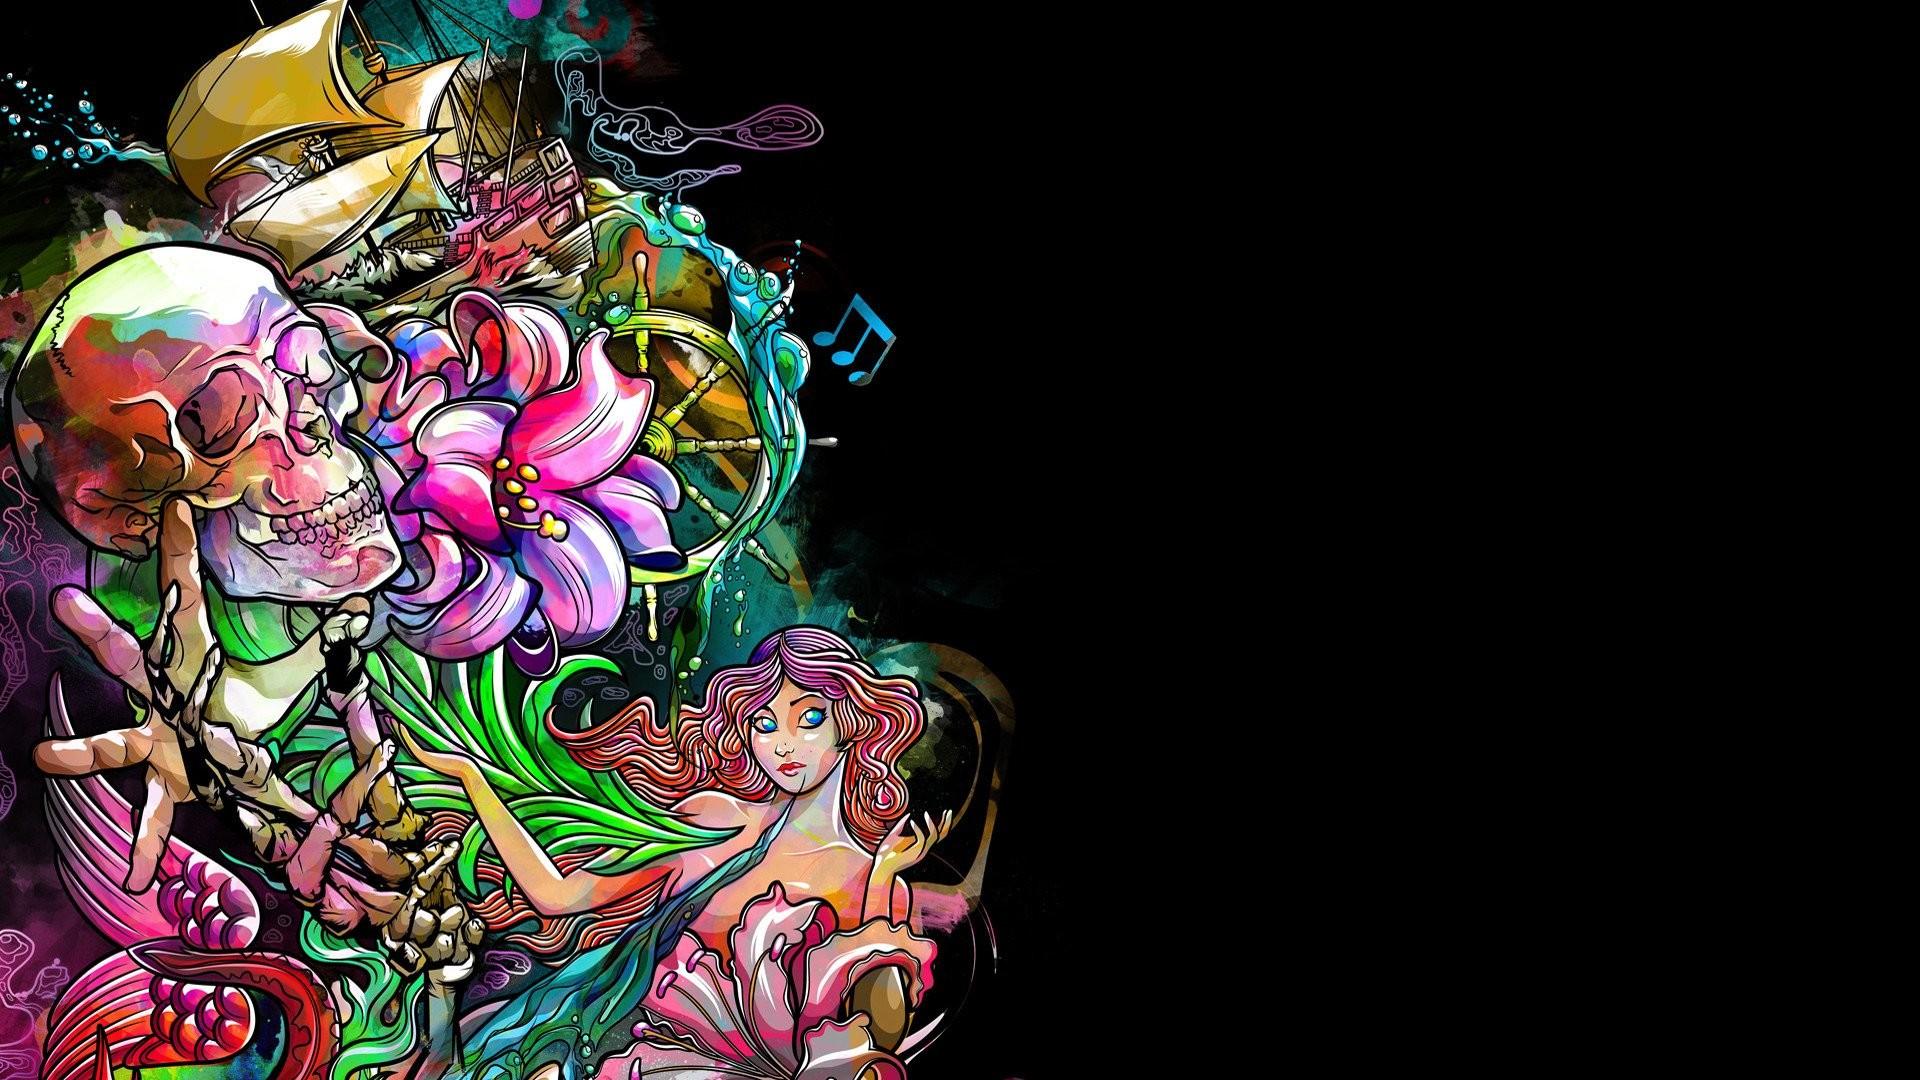 Dark skull fantasy psychedelic tattoo wallpaper     329301 .